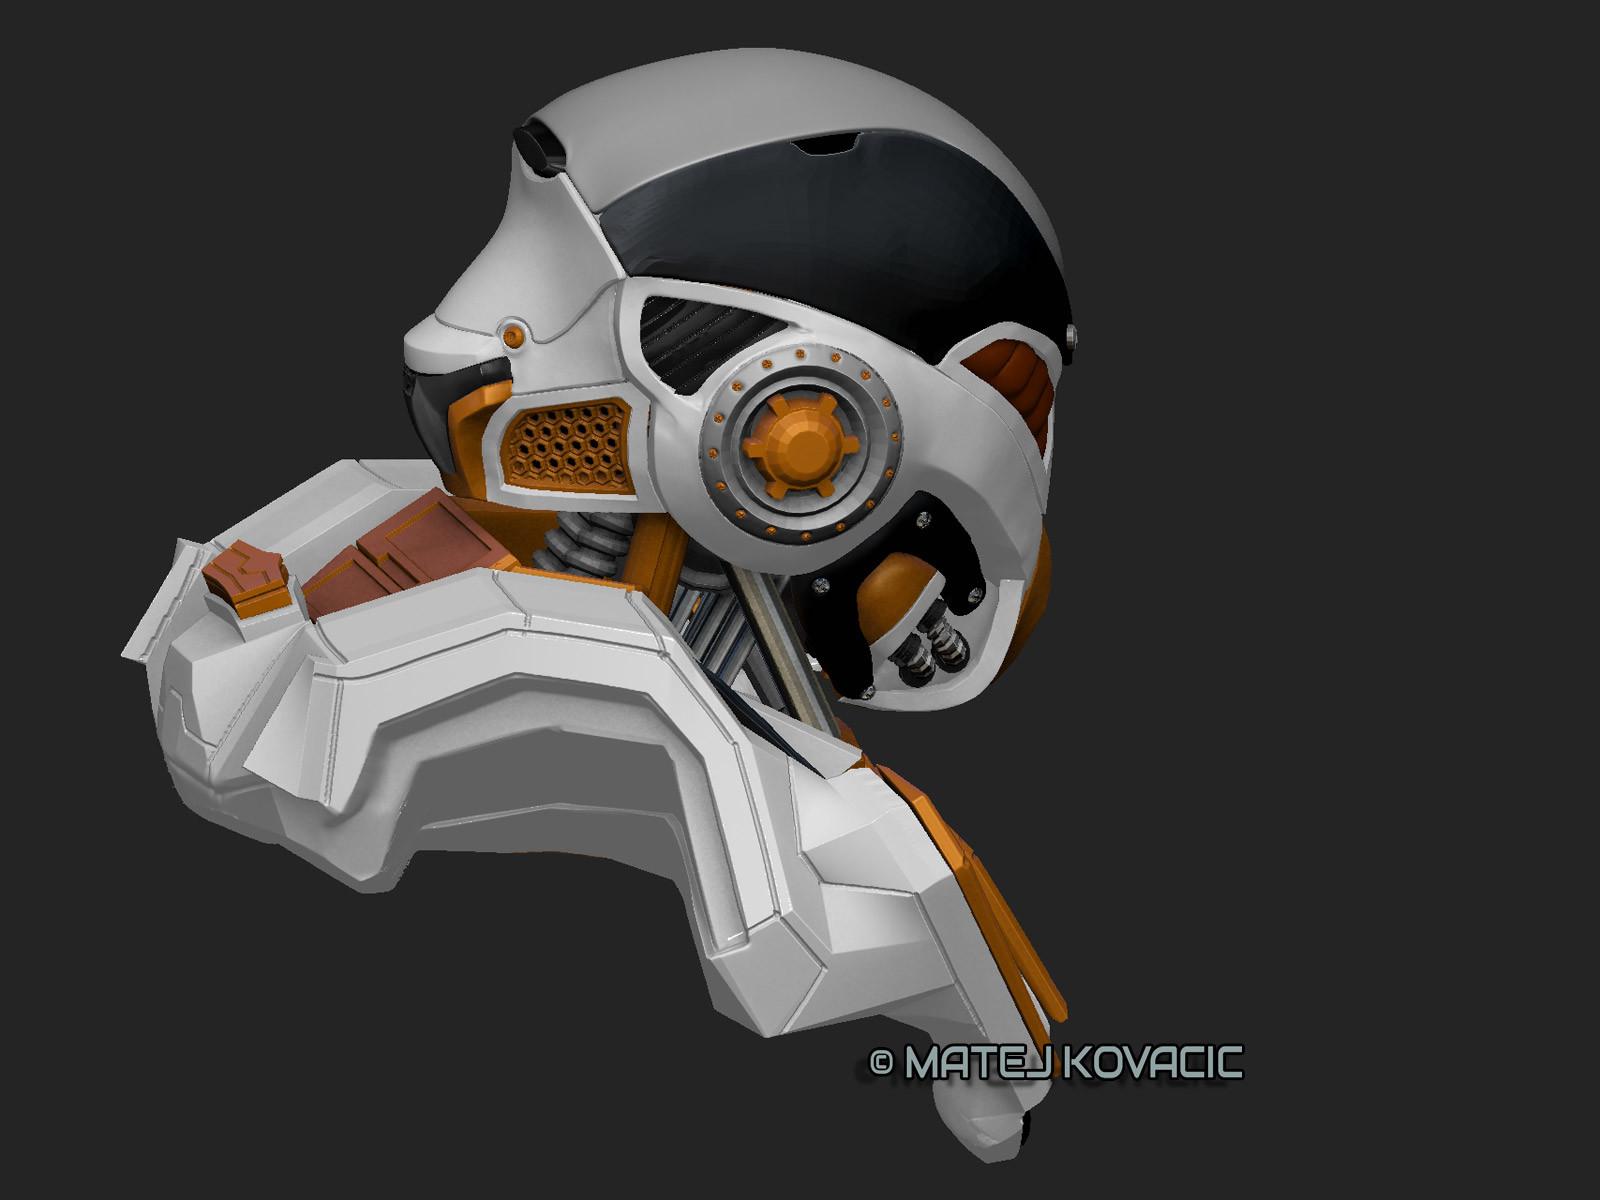 Matej kovacic sci fi helmet rx 51 zb color2 by matej kovacic